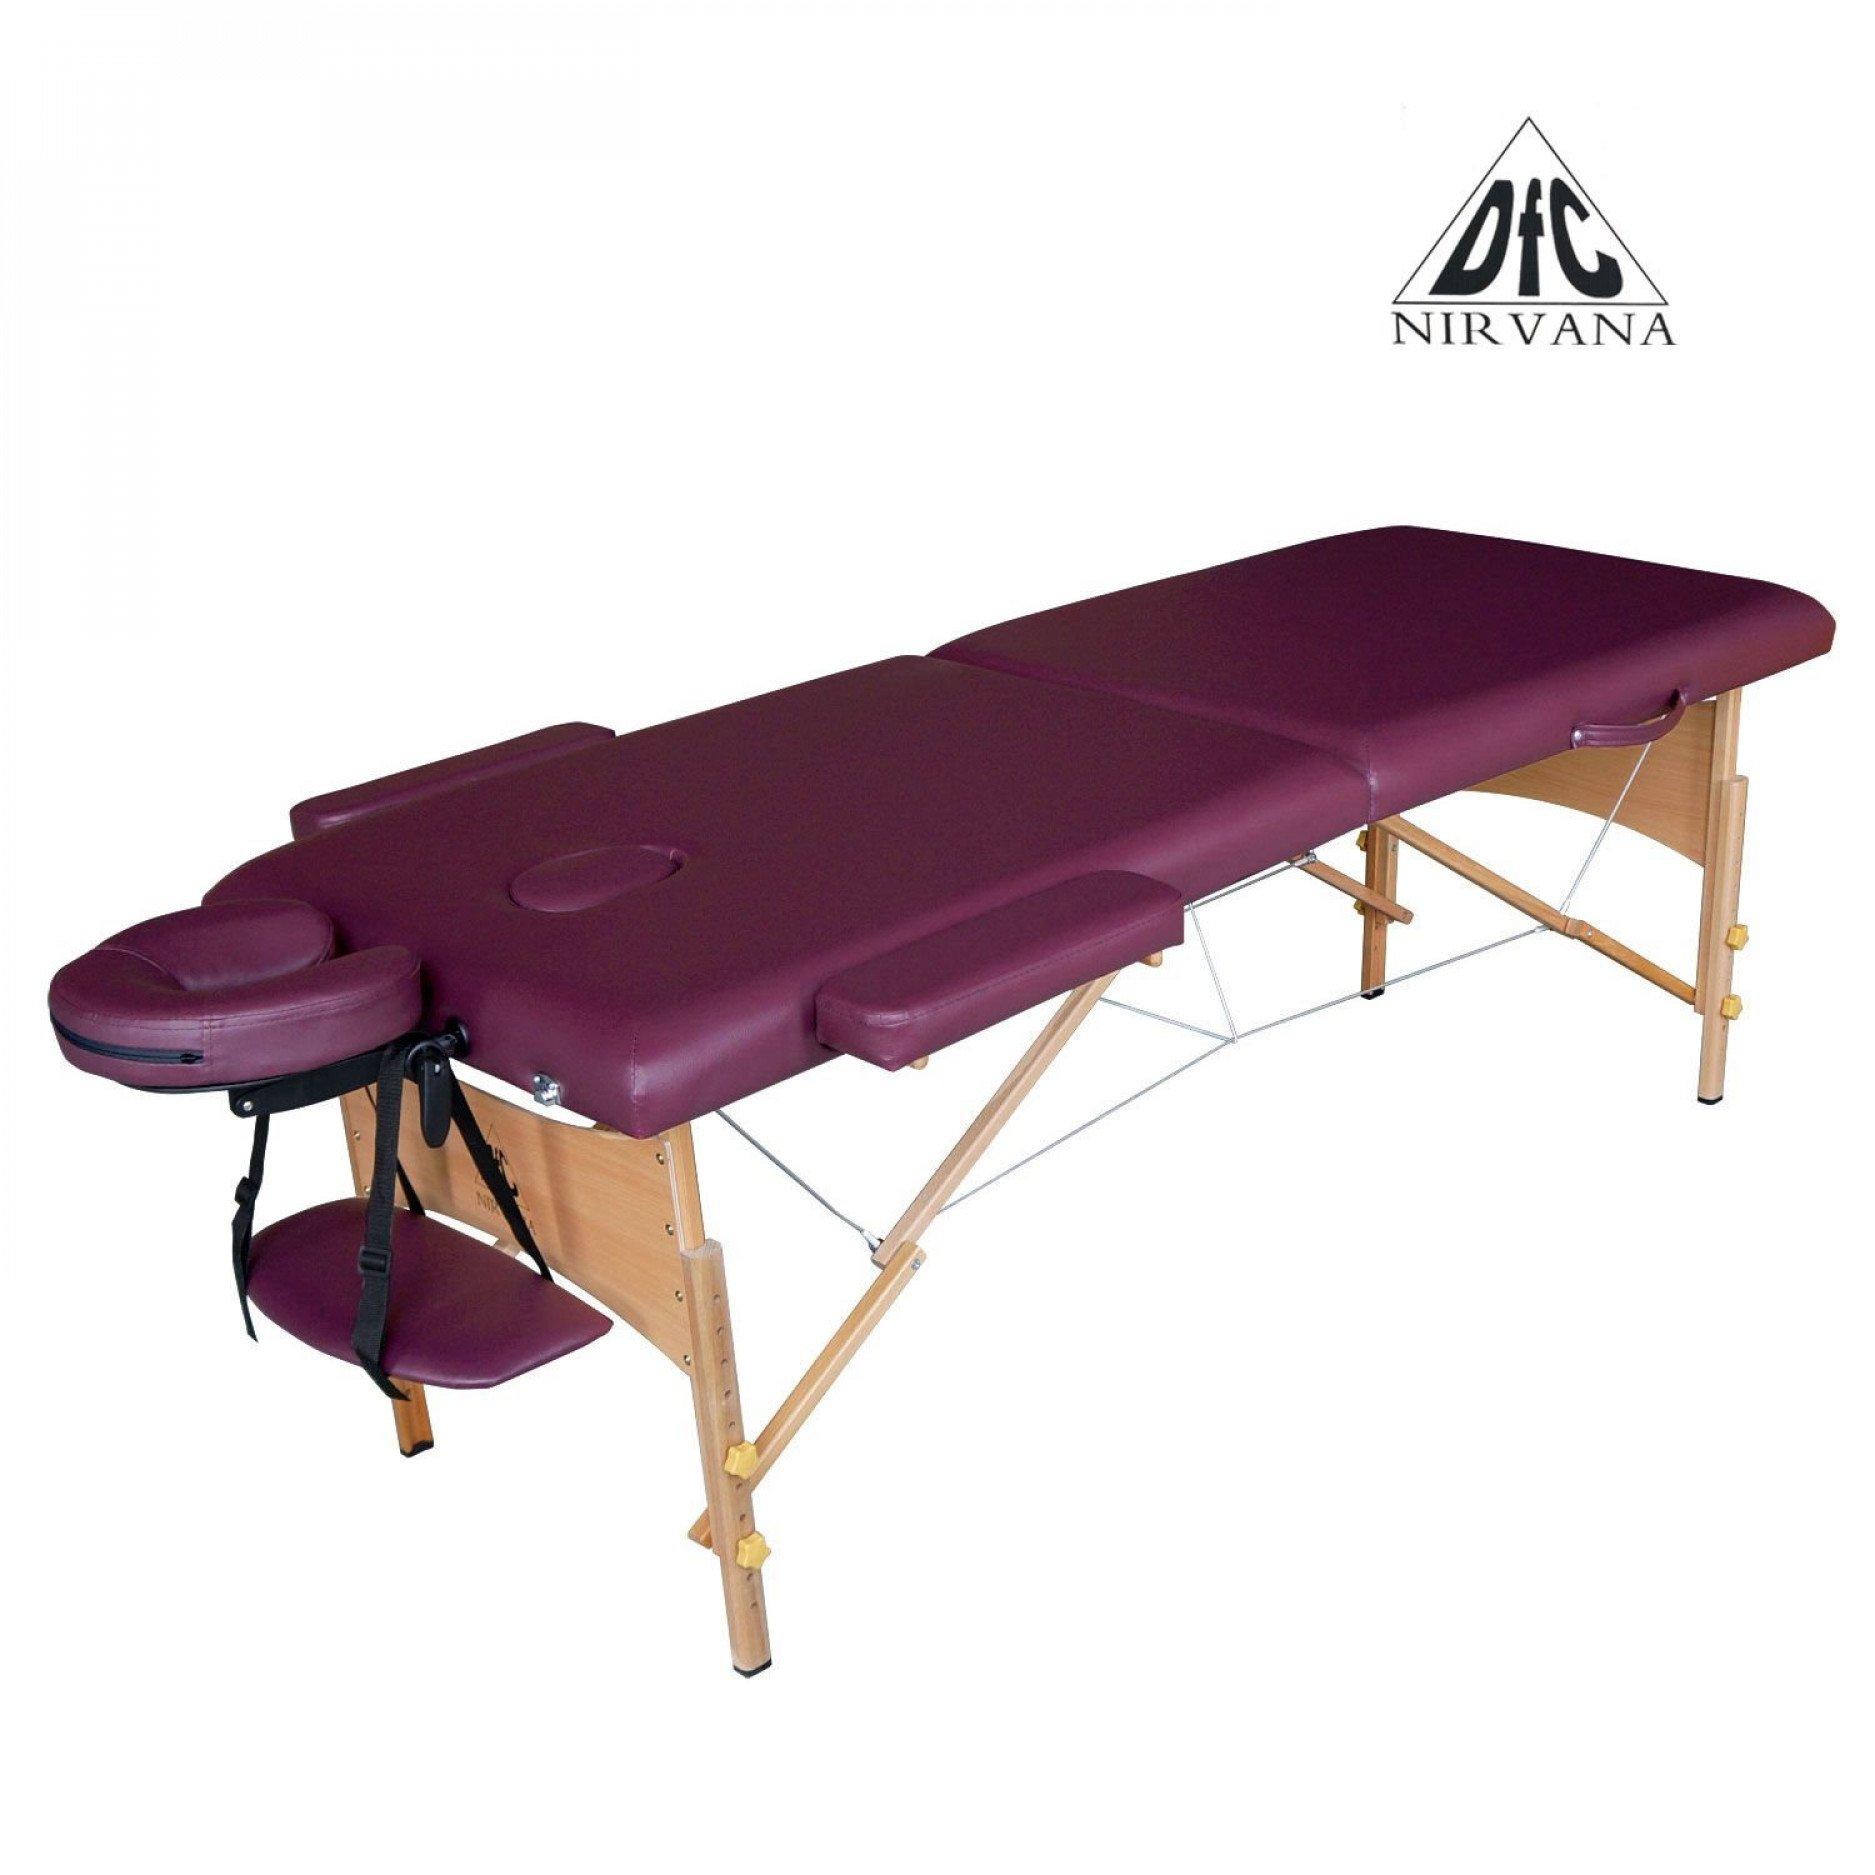 Массажный стол DFC NIRVANA Relax фиолетовый